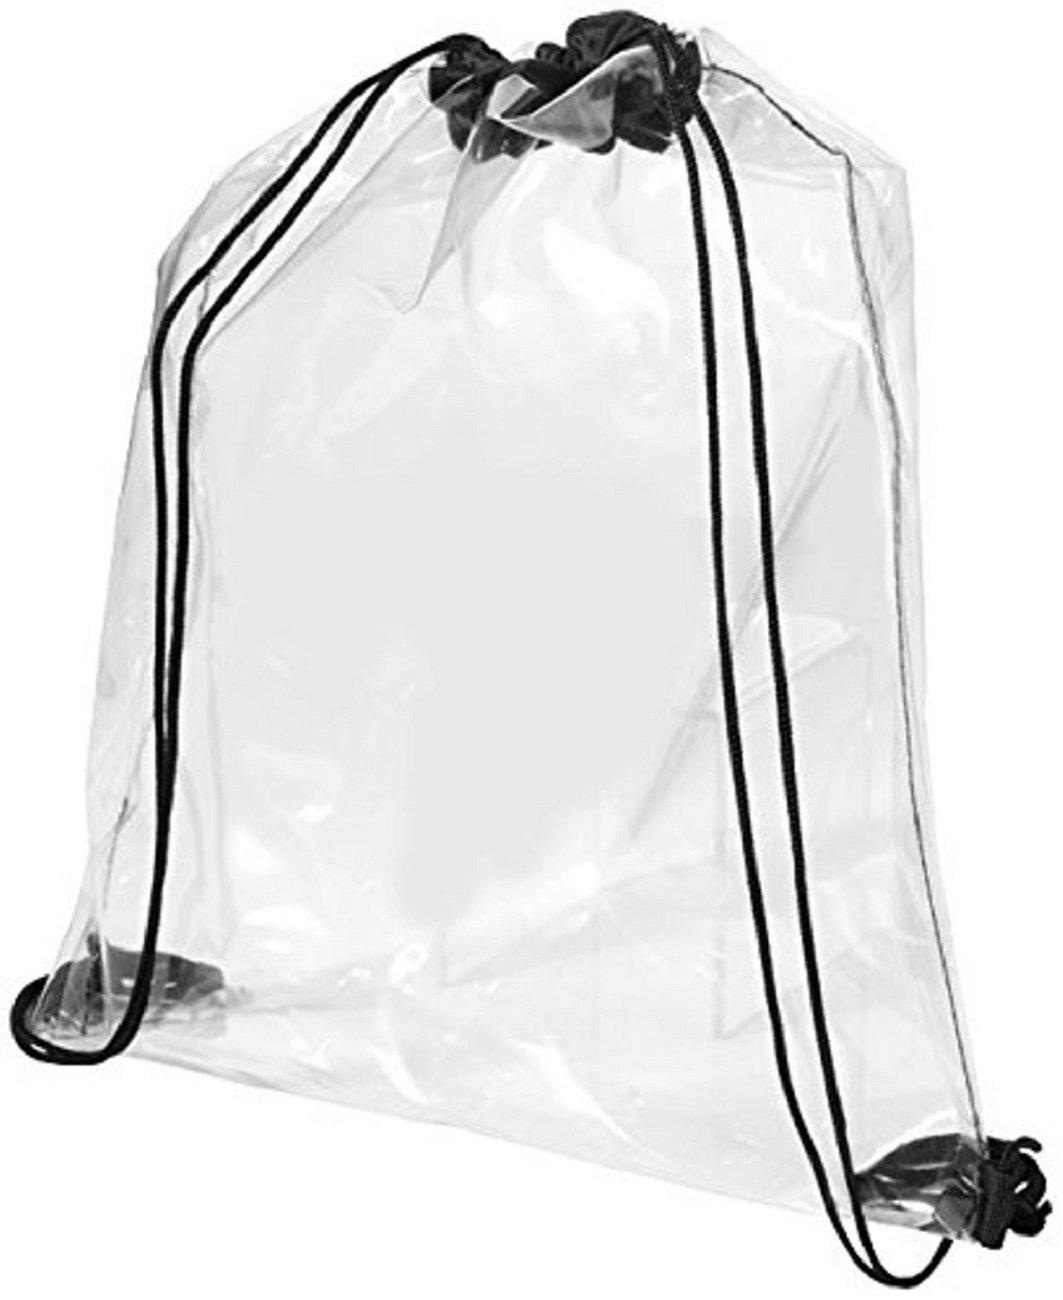 Bolsa transparente de cuerdas elaborada en PVC de alta calidad.